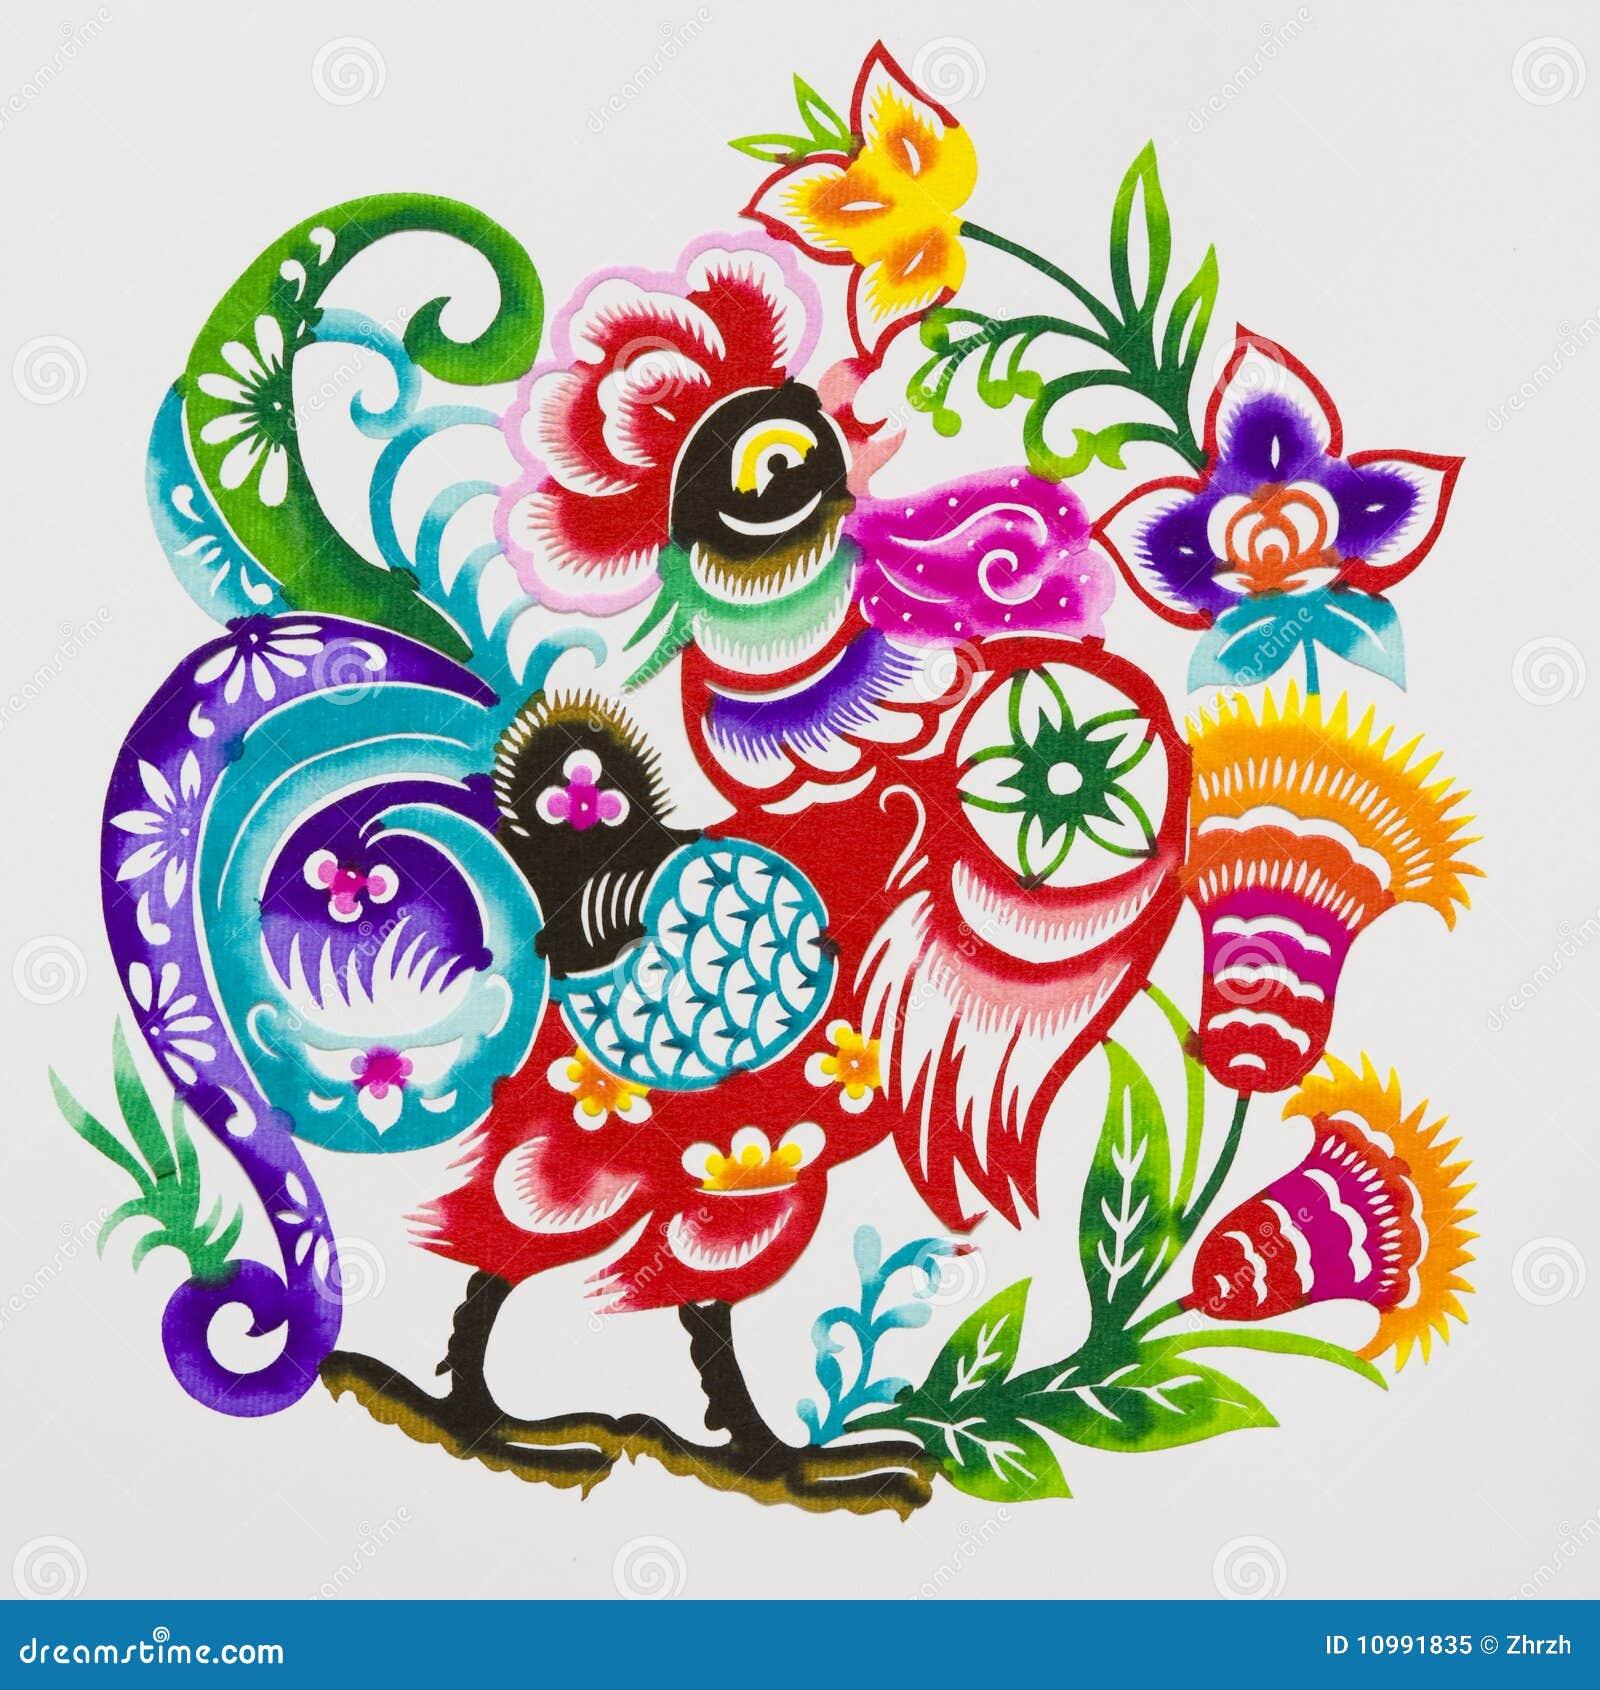 coq, découpage de papier de couleur. zodiaque chinois. image stock